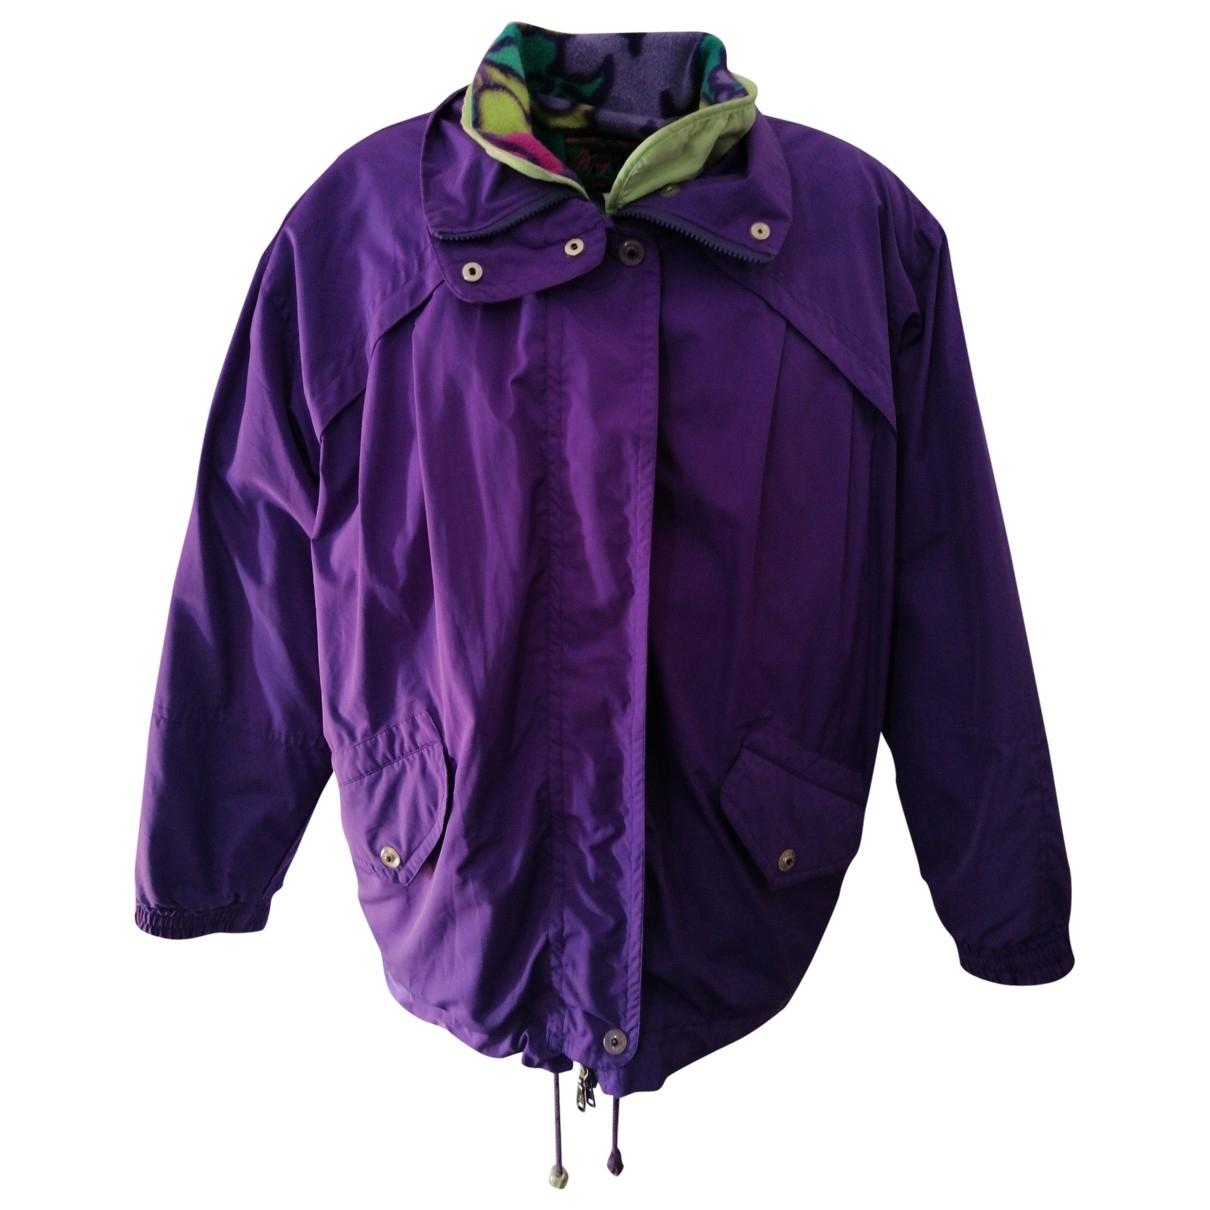 Fila - Vestes.Blousons   pour homme - violet